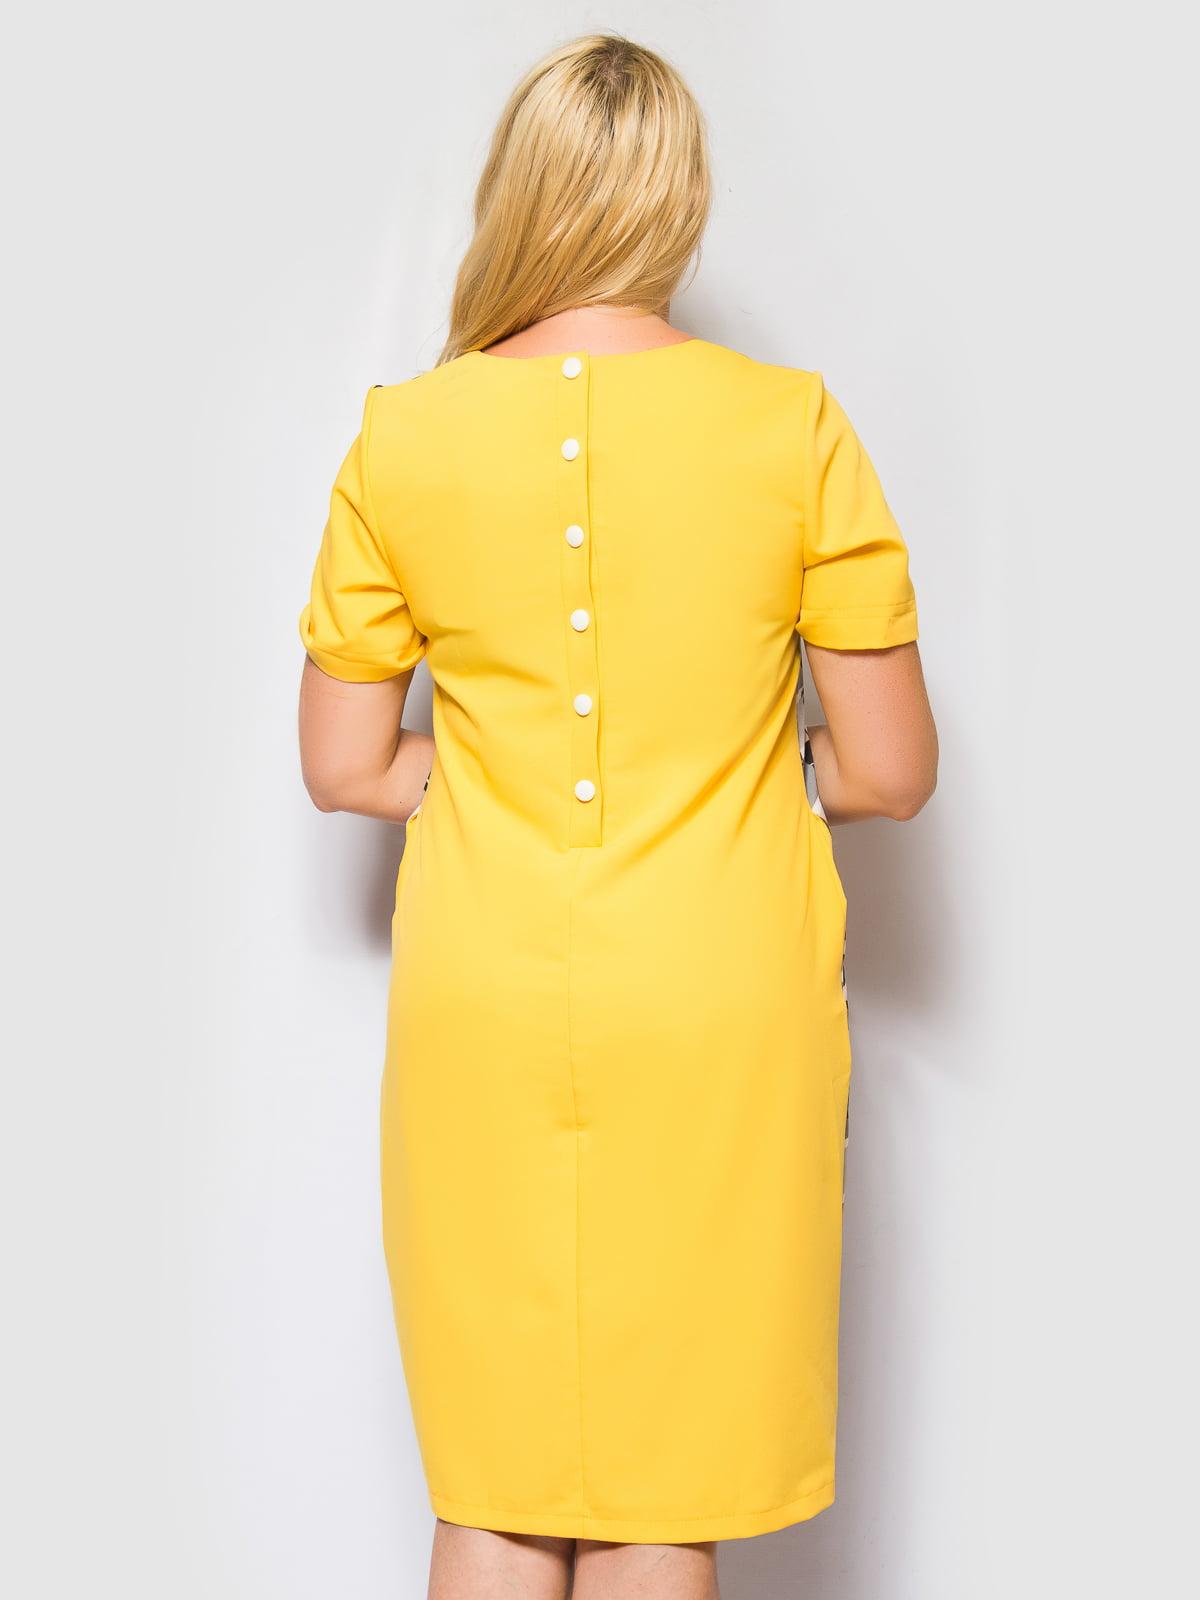 Сукня жовто-сіра в смужку і принт | 4469190 | фото 4